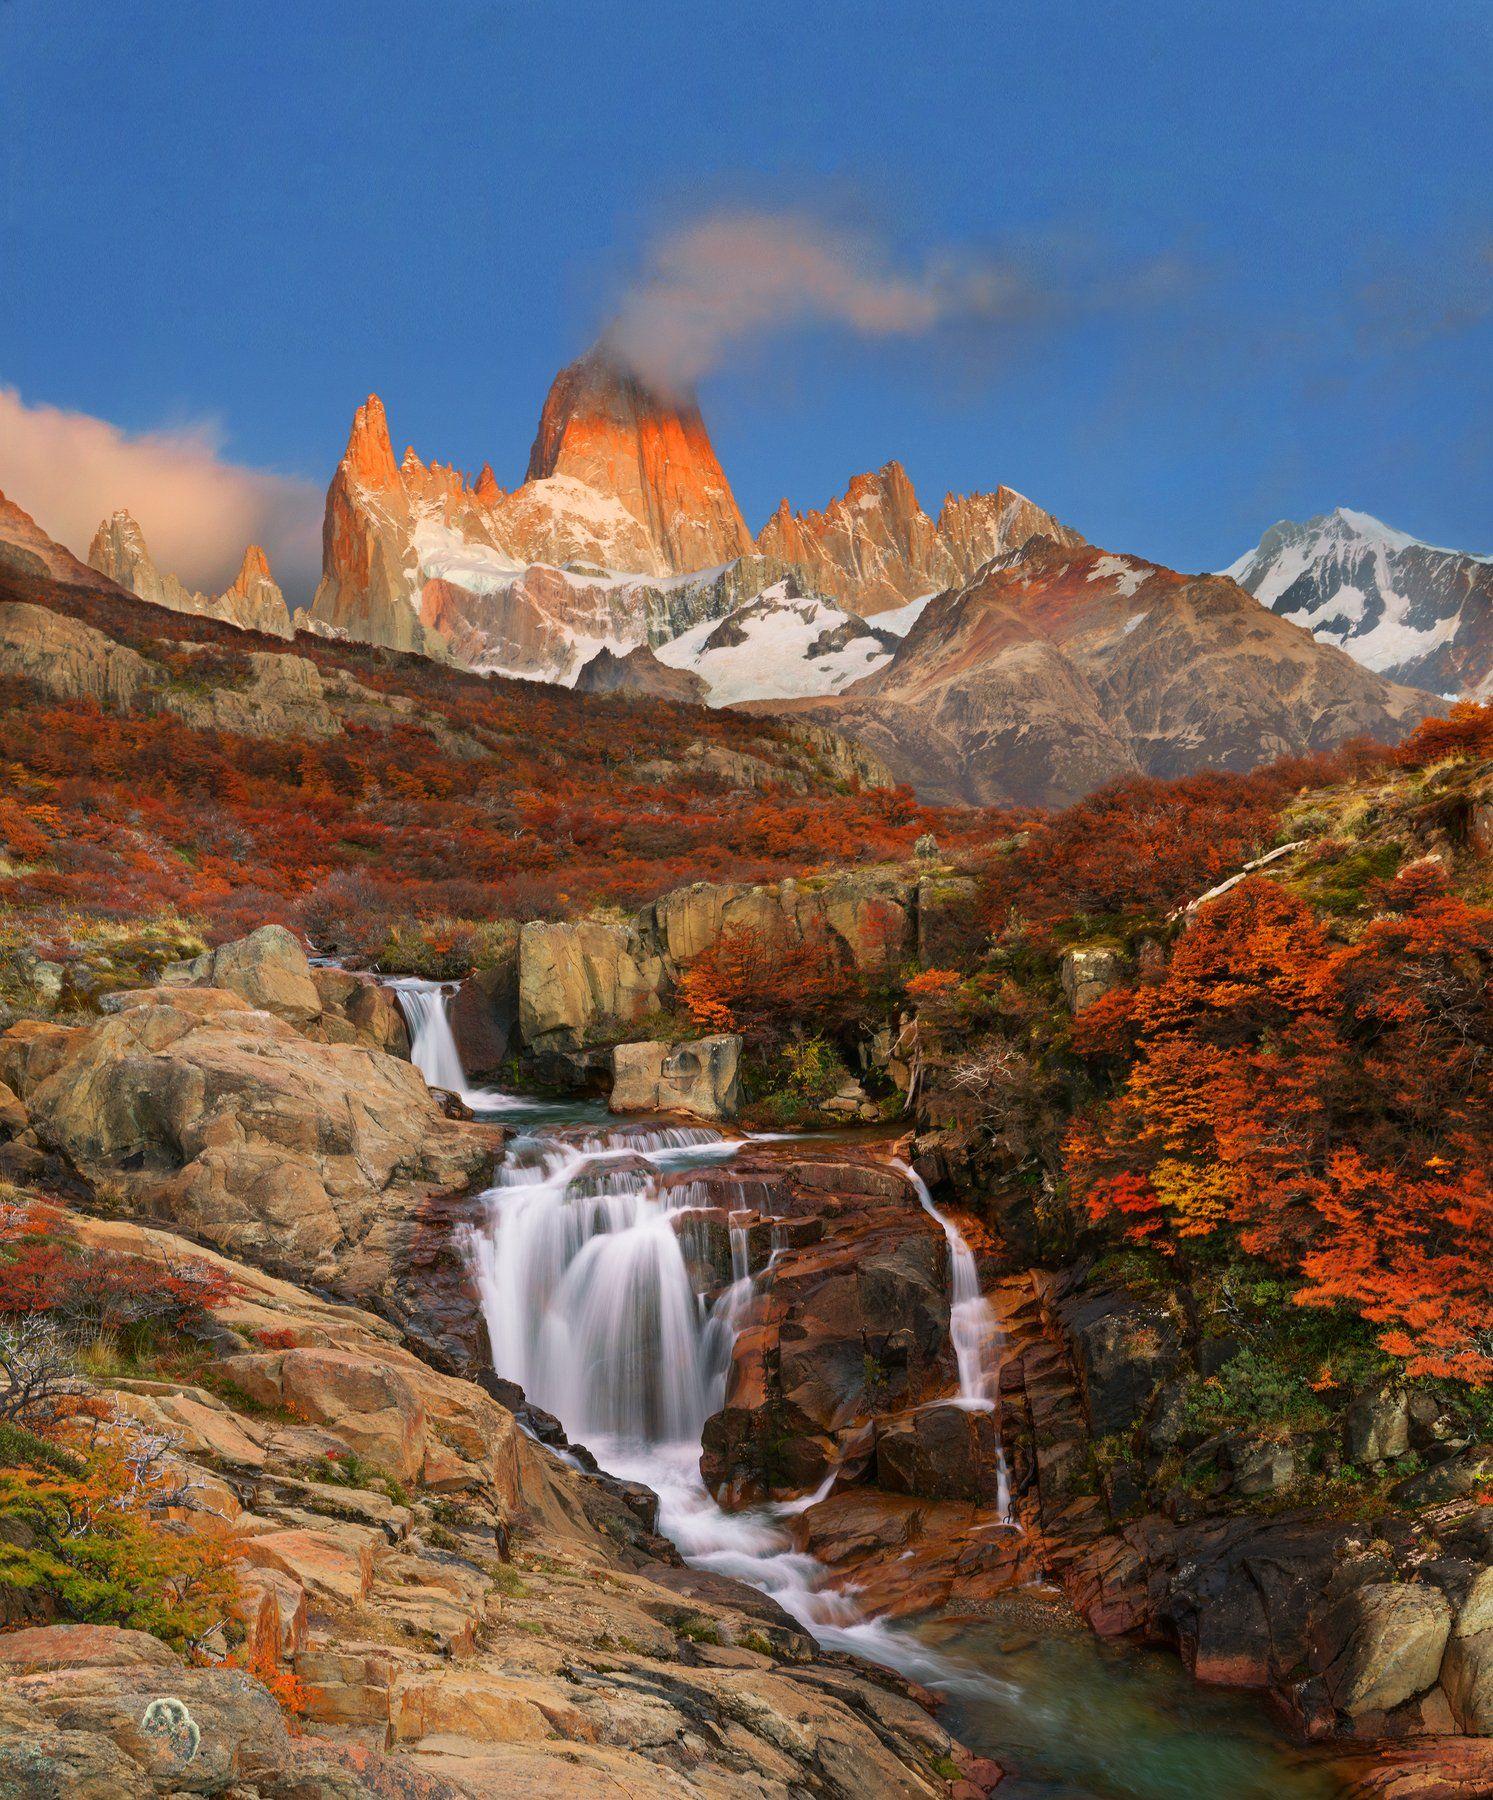 Фиц Рой, Cerro  Chalten, Патагония, водопад, Владимир Рябков